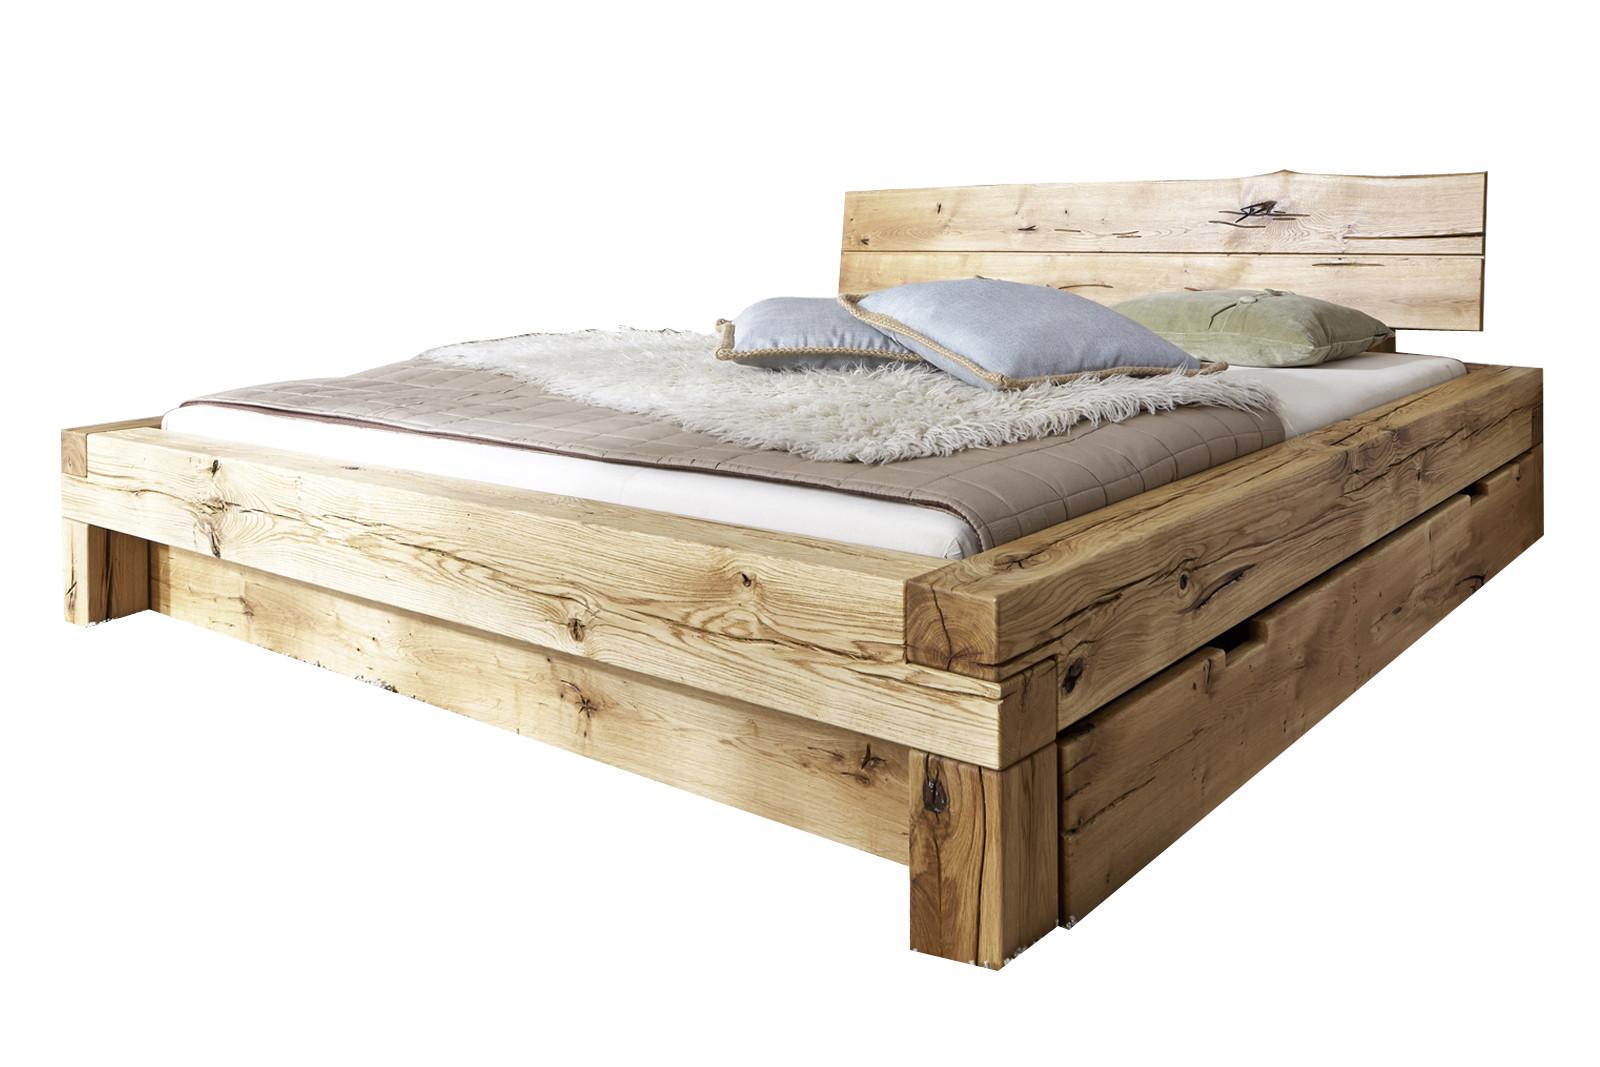 Holzbett Massiv  Massiv Holzbett Wildeiche 180 x 200 EVITA Bett11